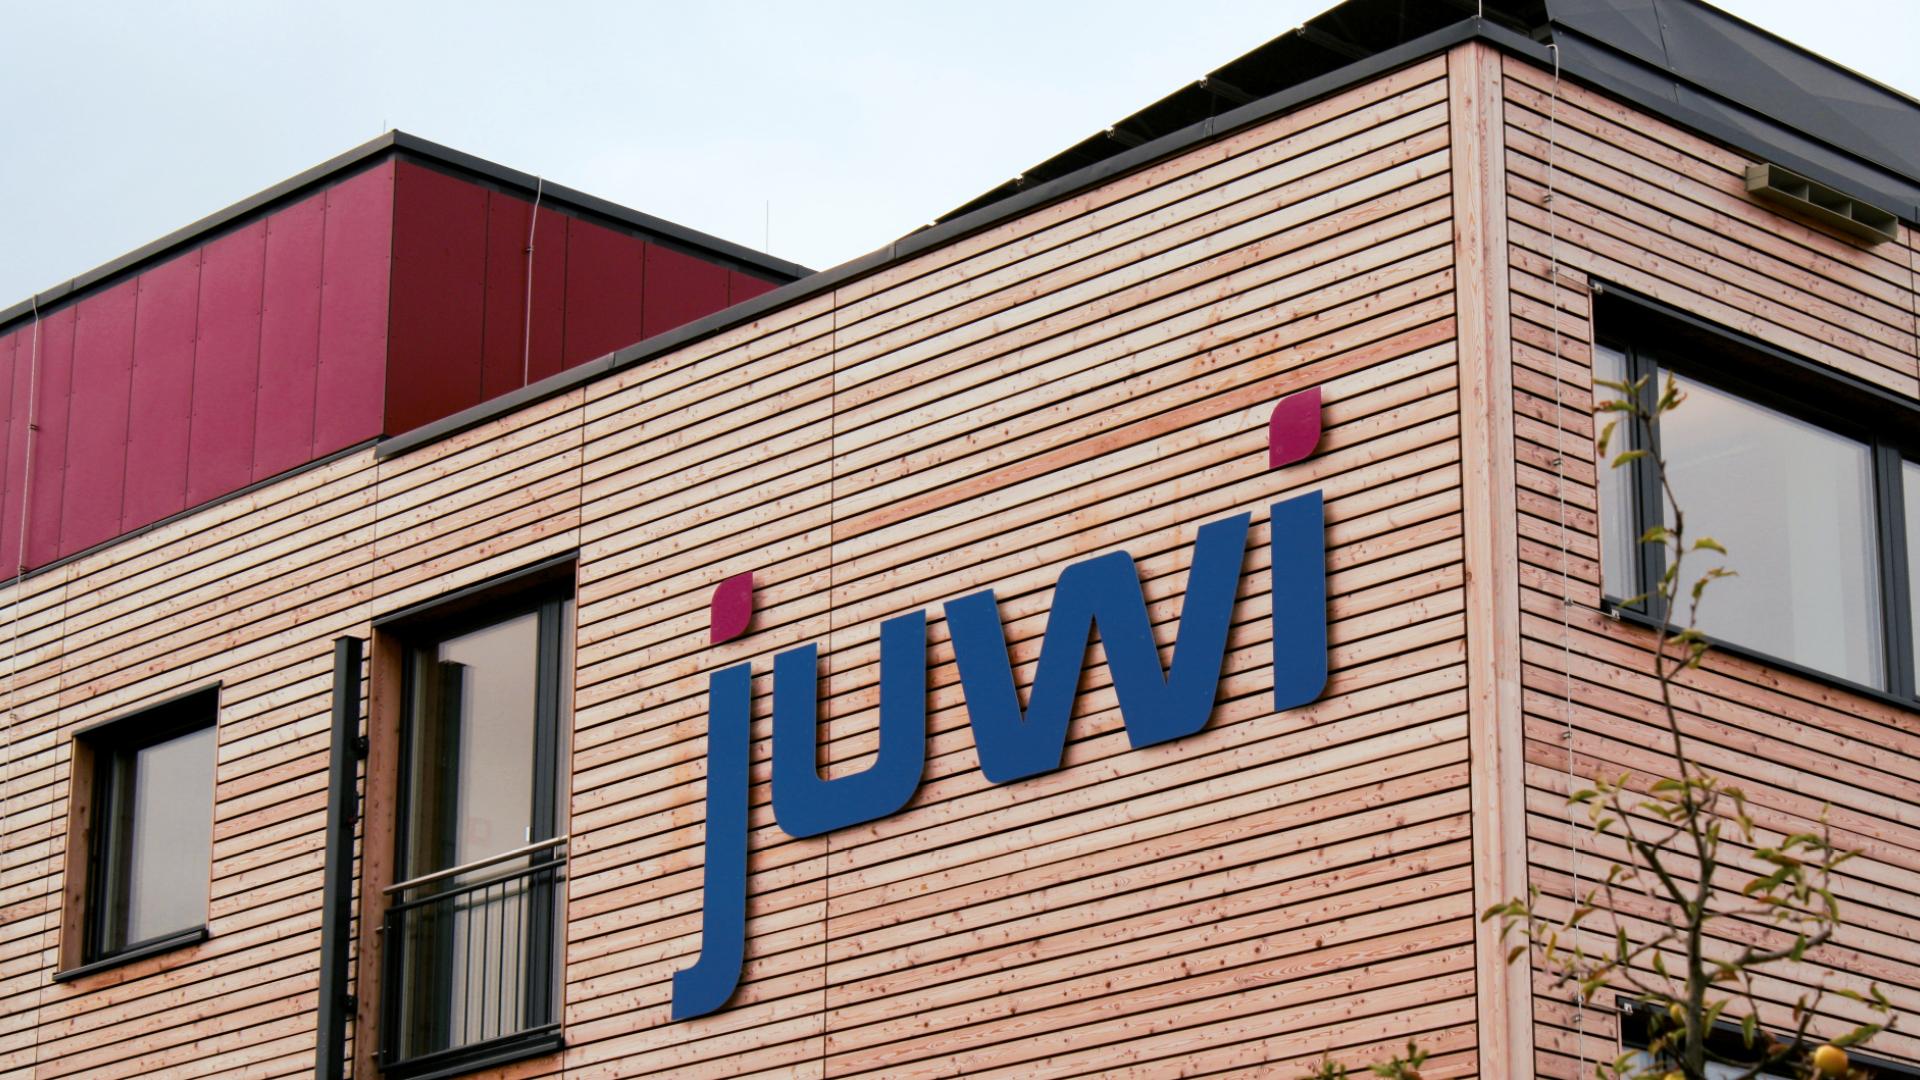 Juwi Gebäude - Eines der energieeffizientesten Gebäude Europas